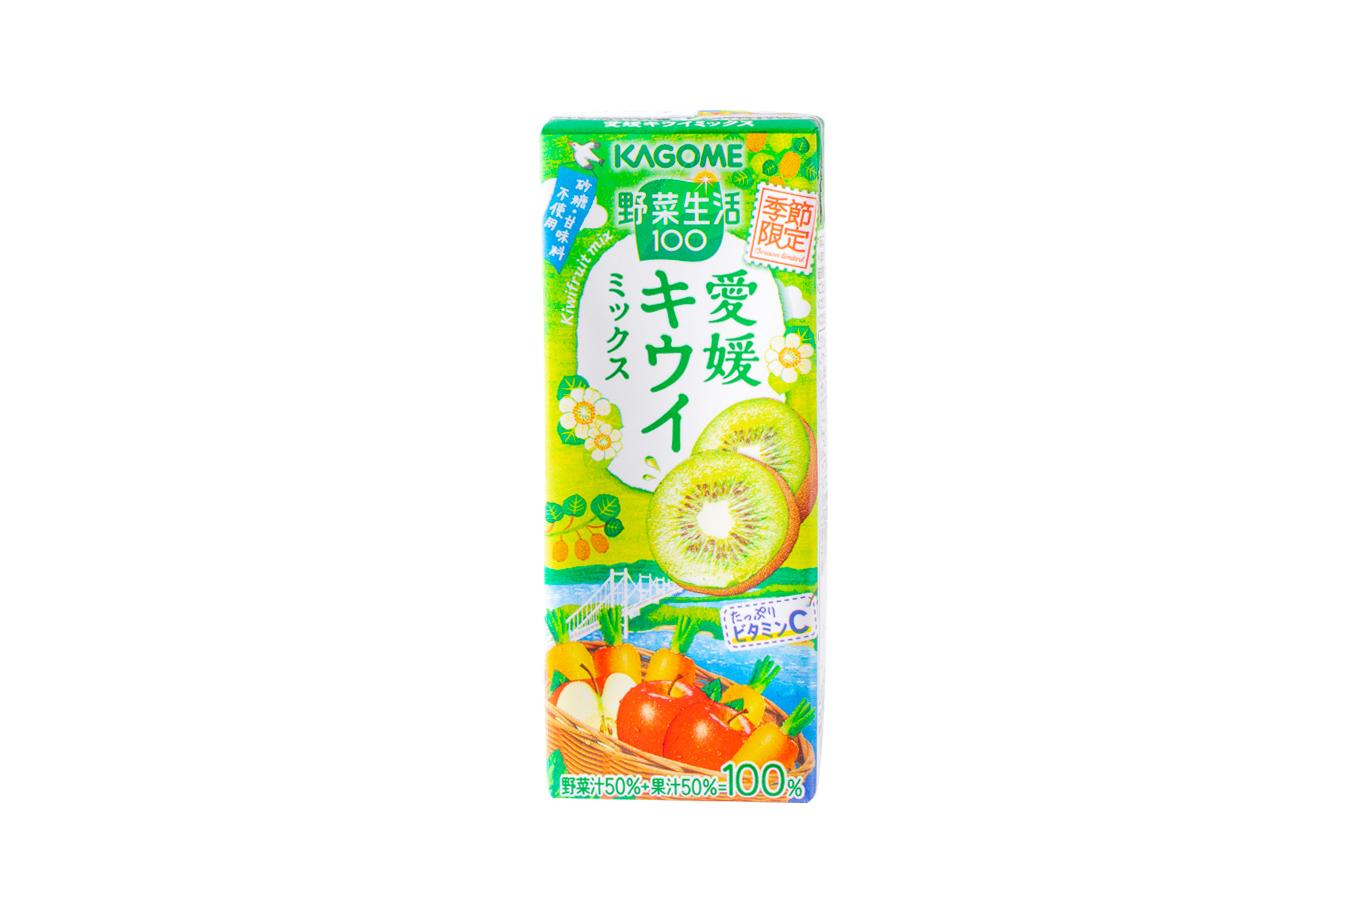 カゴメ『野菜生活100 愛媛キウイミックス』